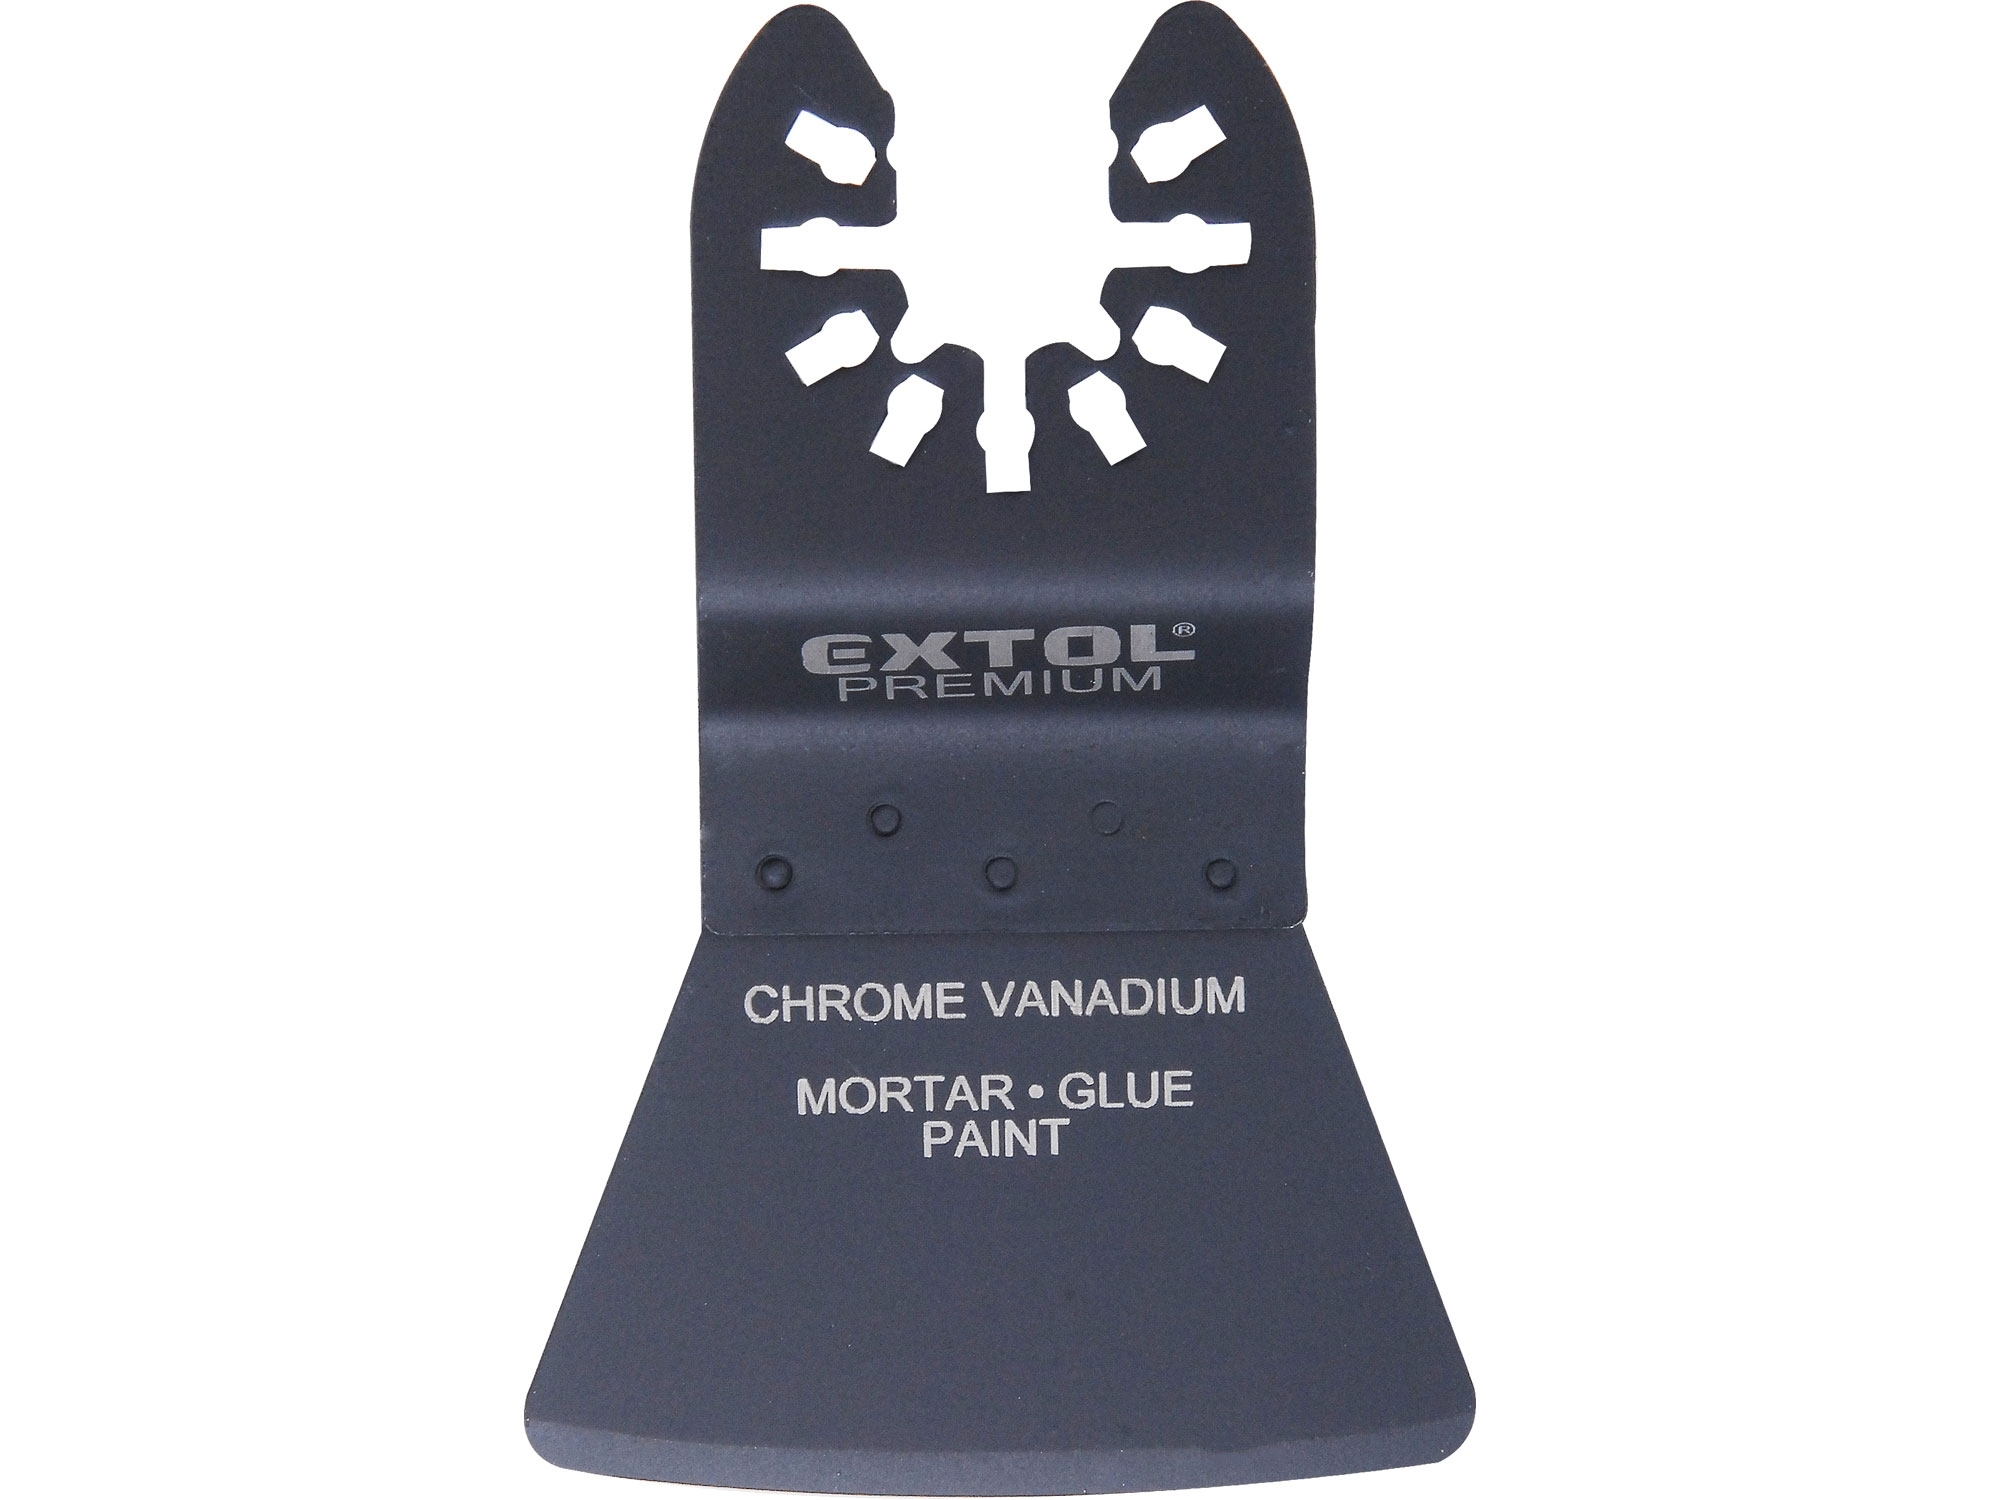 špachtle ohebná zaoblená, 52mm, CrV, EXTOL PREMIUM 8803859